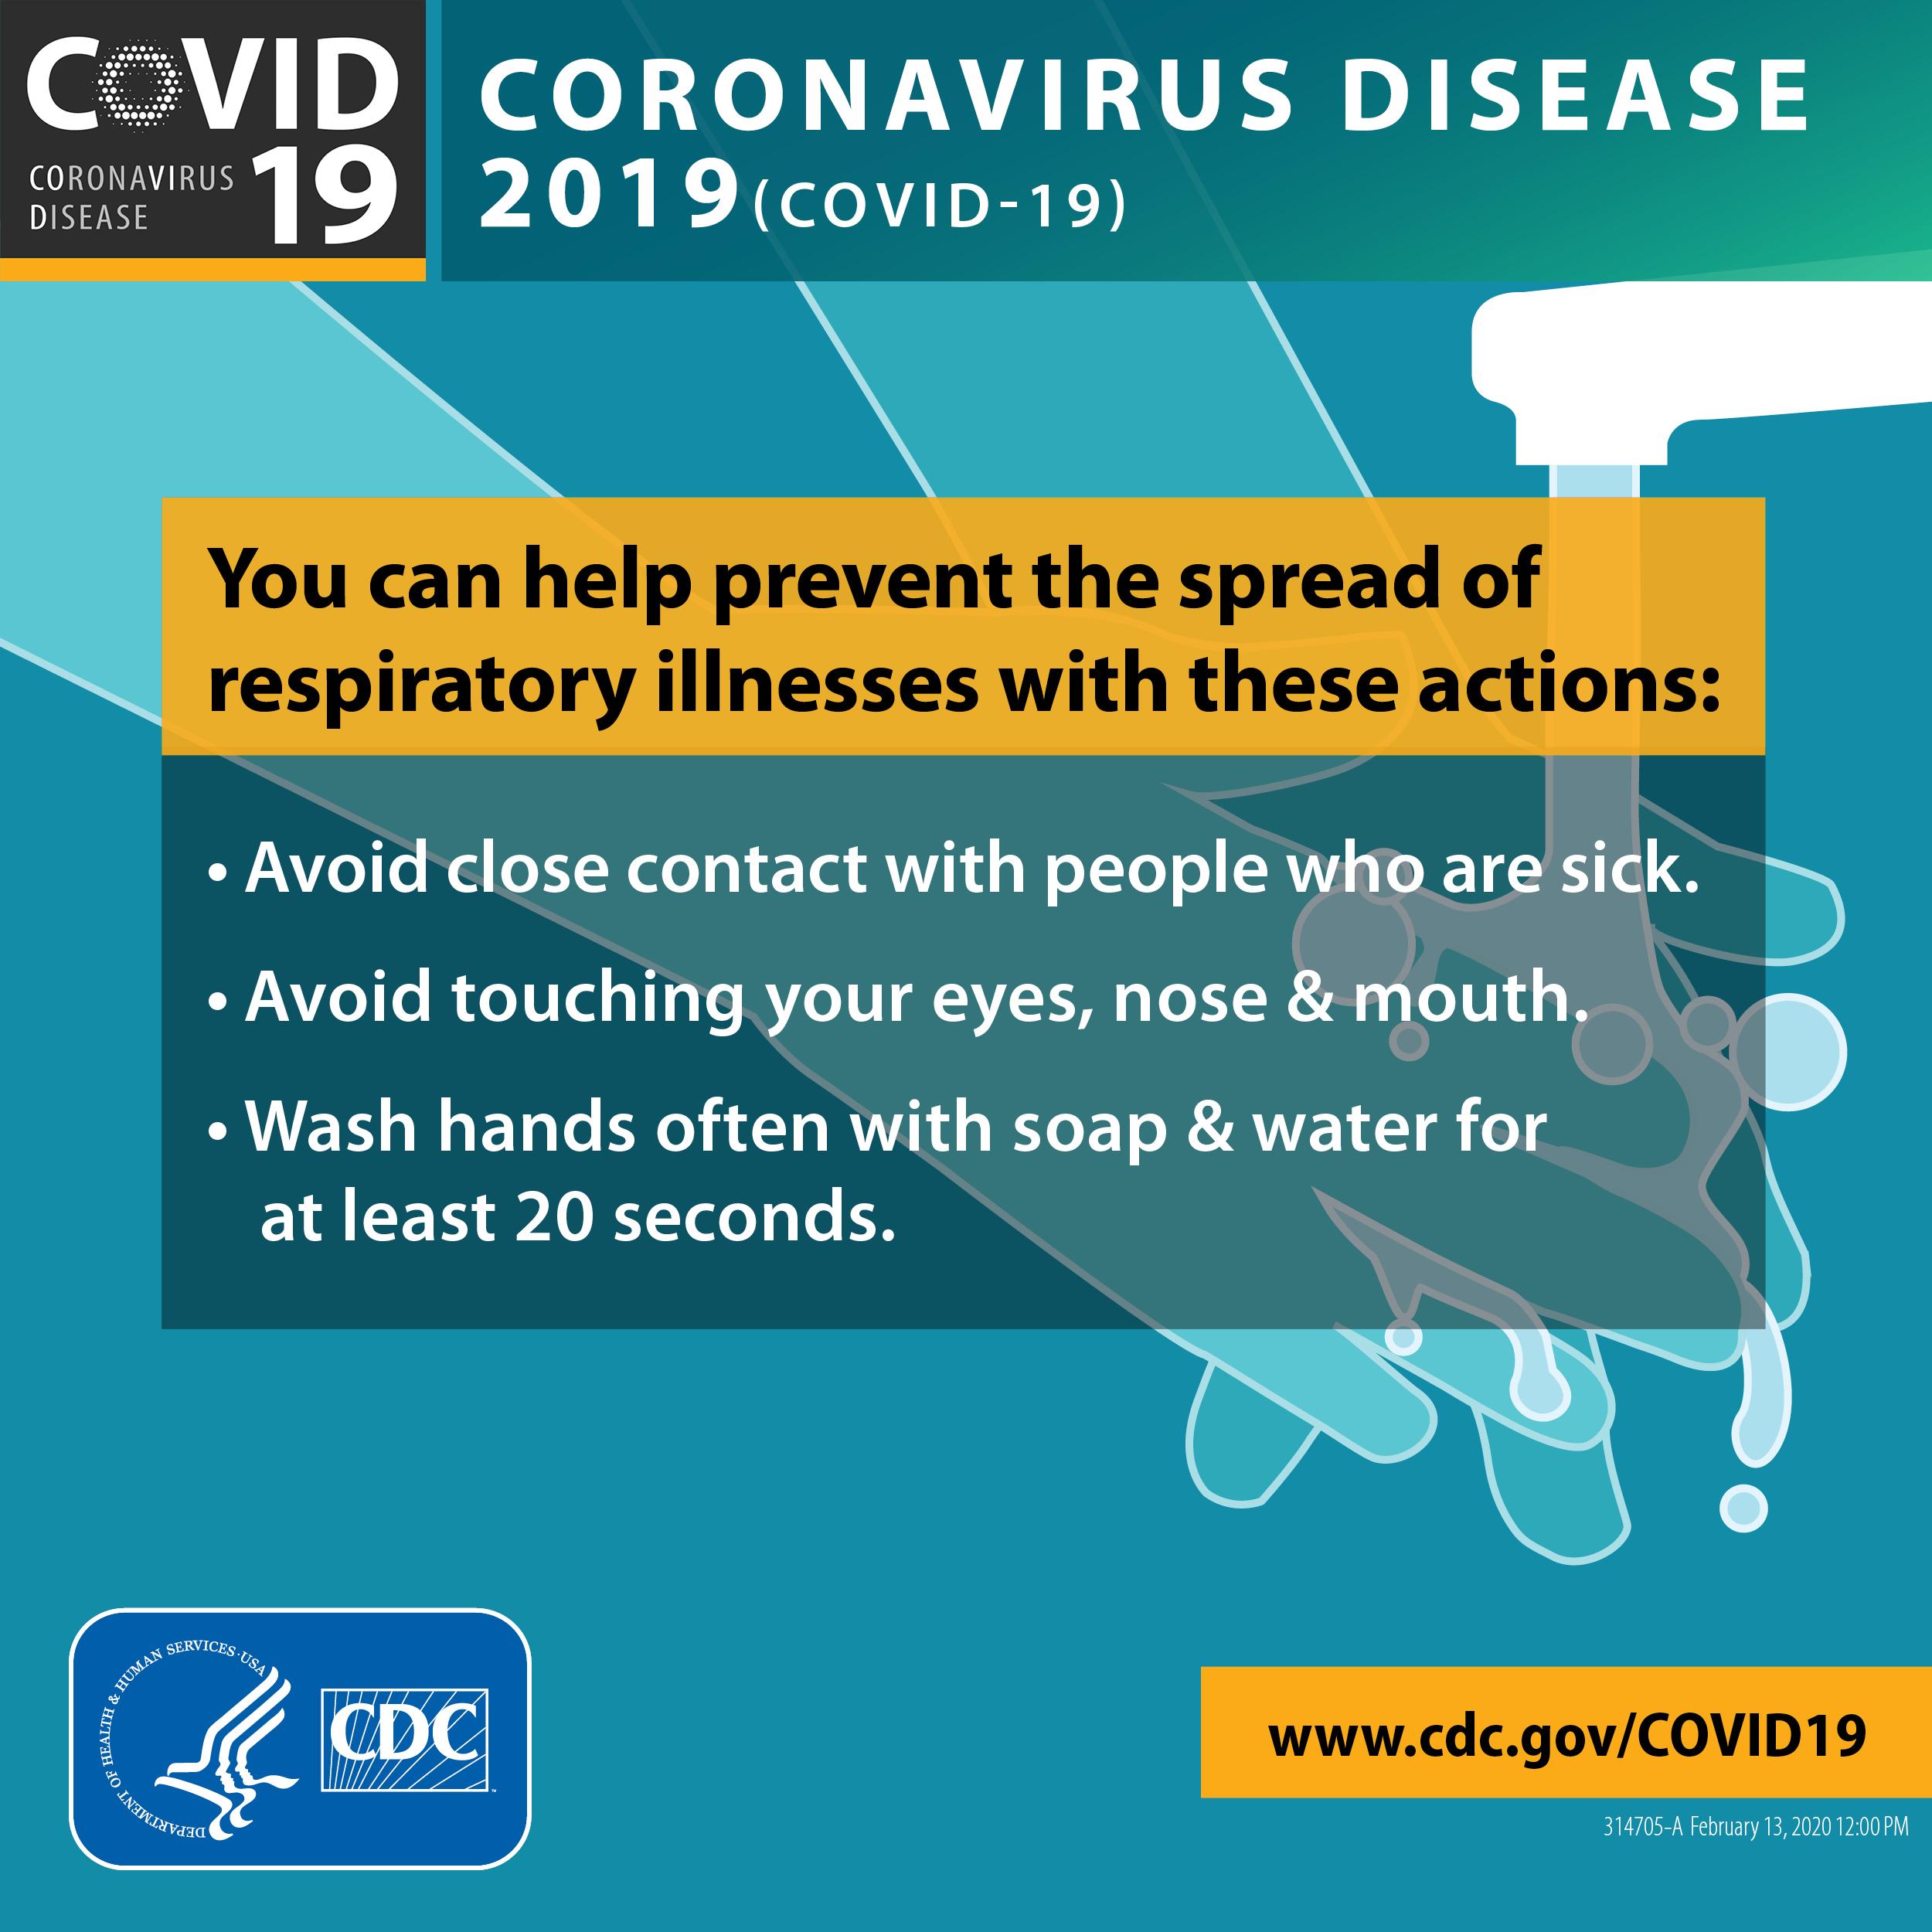 How to prevent the spread of Coronavirus 2019